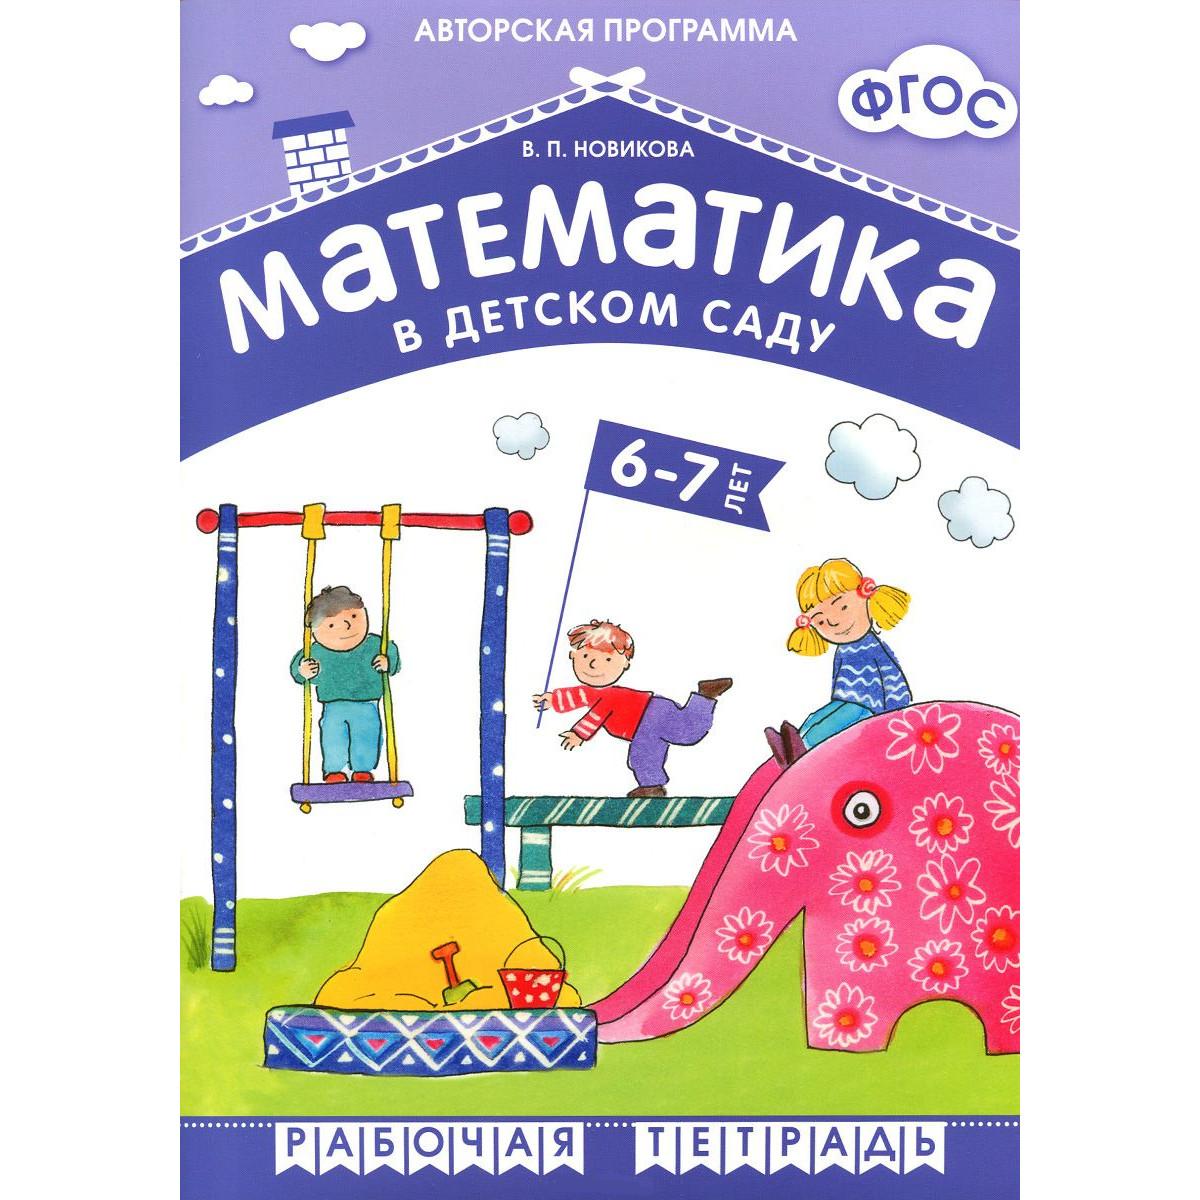 Рабочая тетрадь из серии Математика в детском саду, 6-7 летОбучающие книги и задания<br>Рабочая тетрадь из серии Математика в детском саду, 6-7 лет<br>